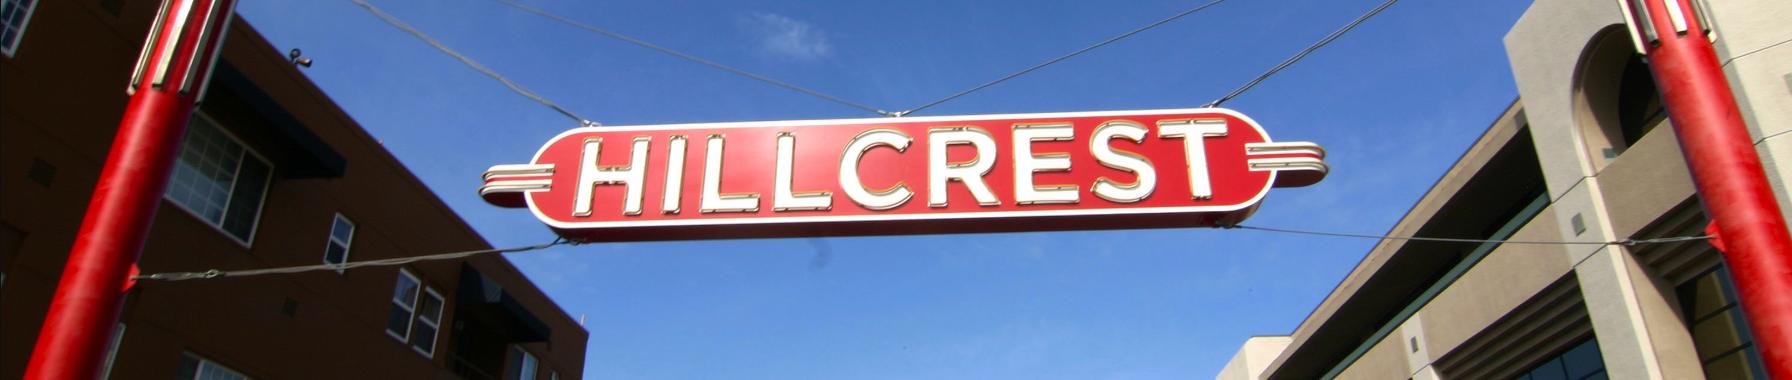 Hillcrest Dentist - Marcos Ortega Dentist San Diego